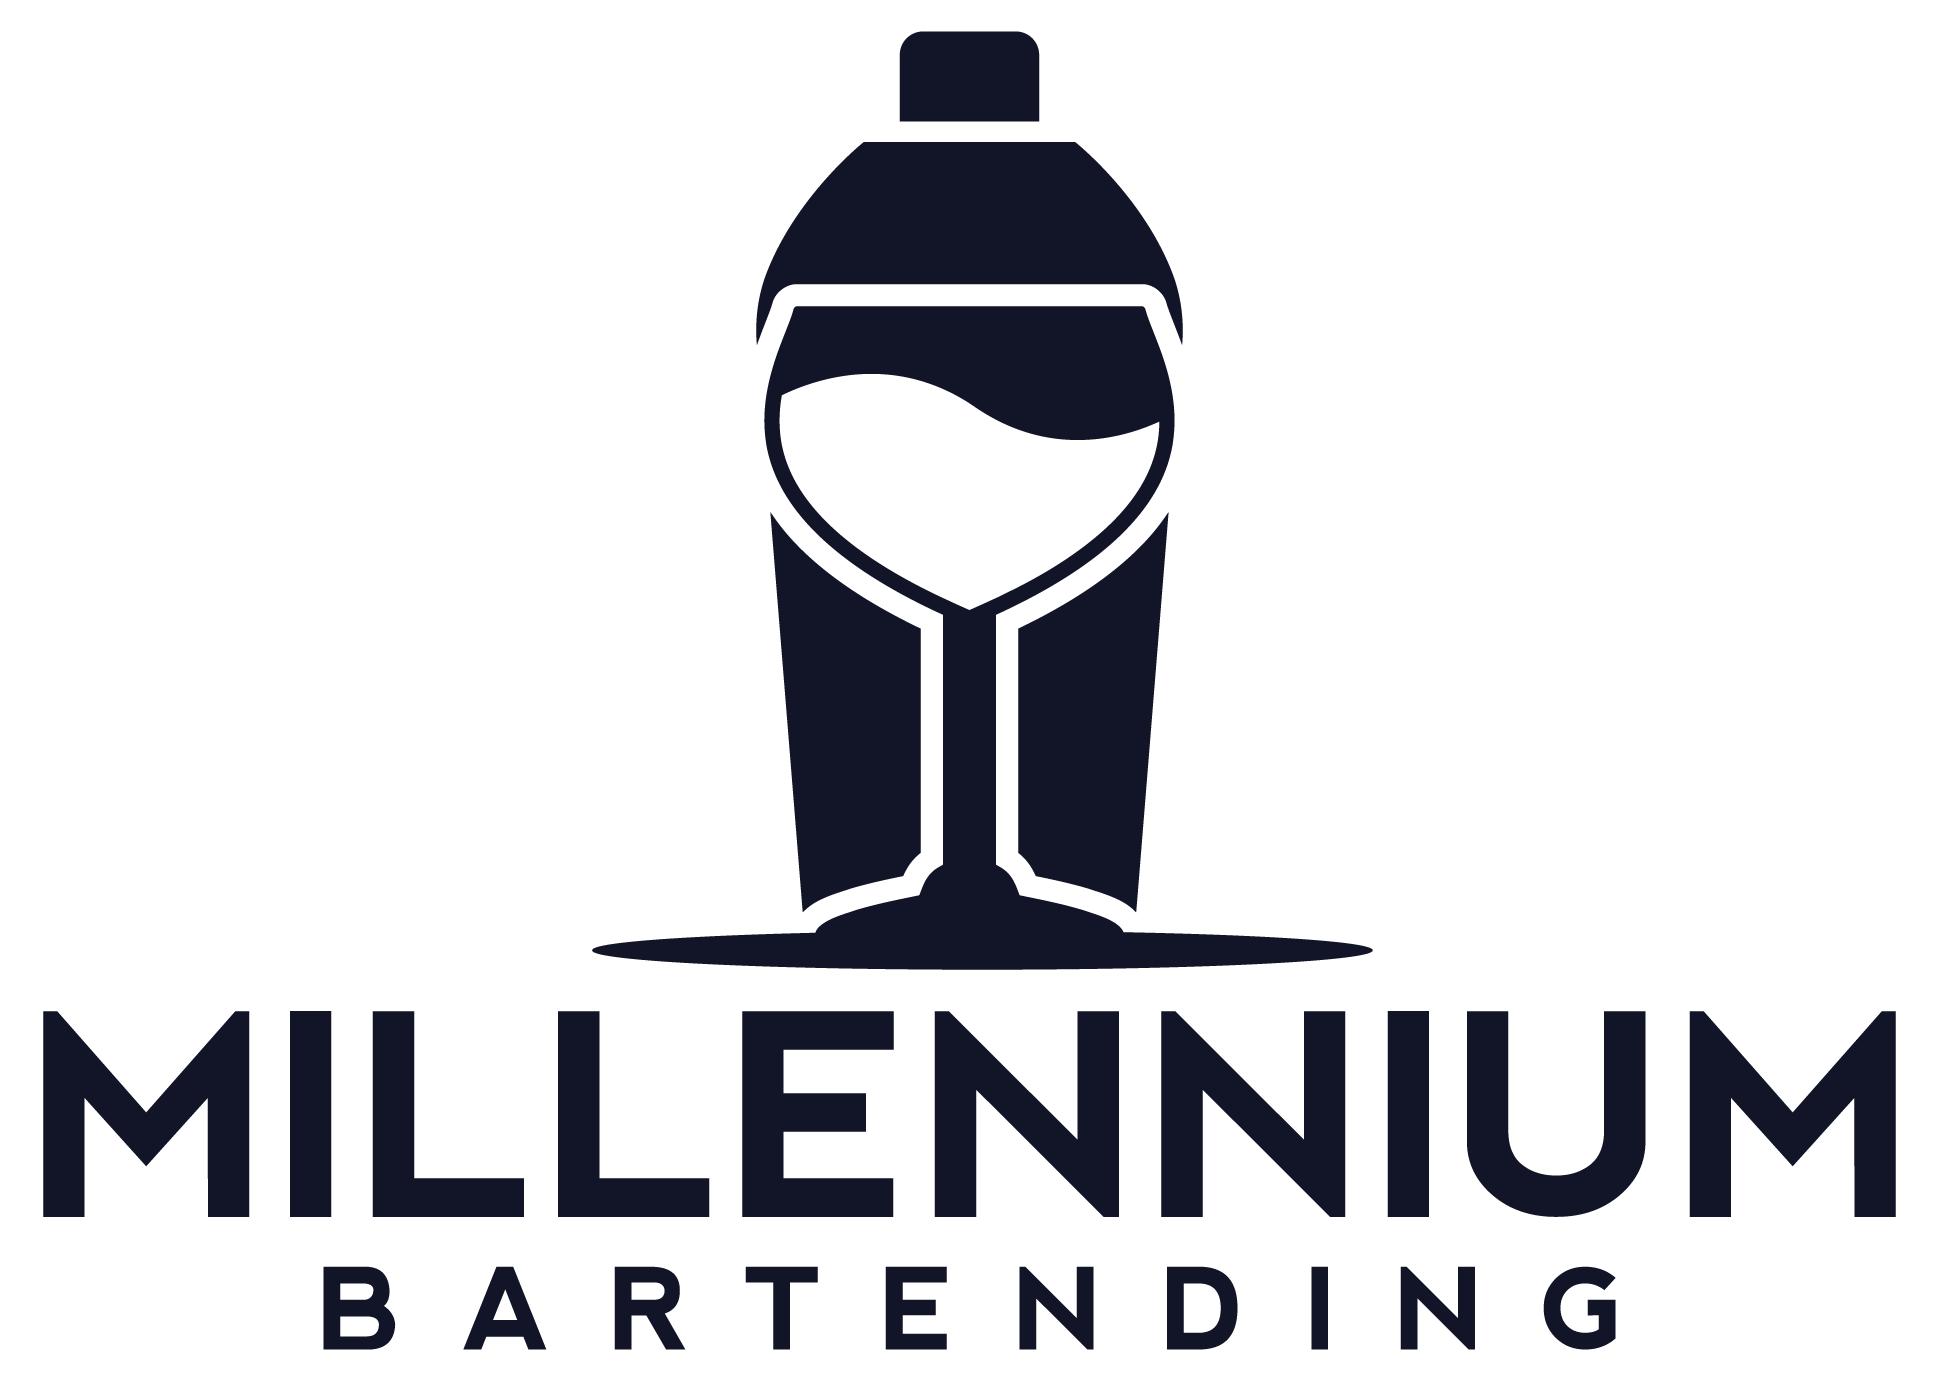 Millennium Bartending - Logo